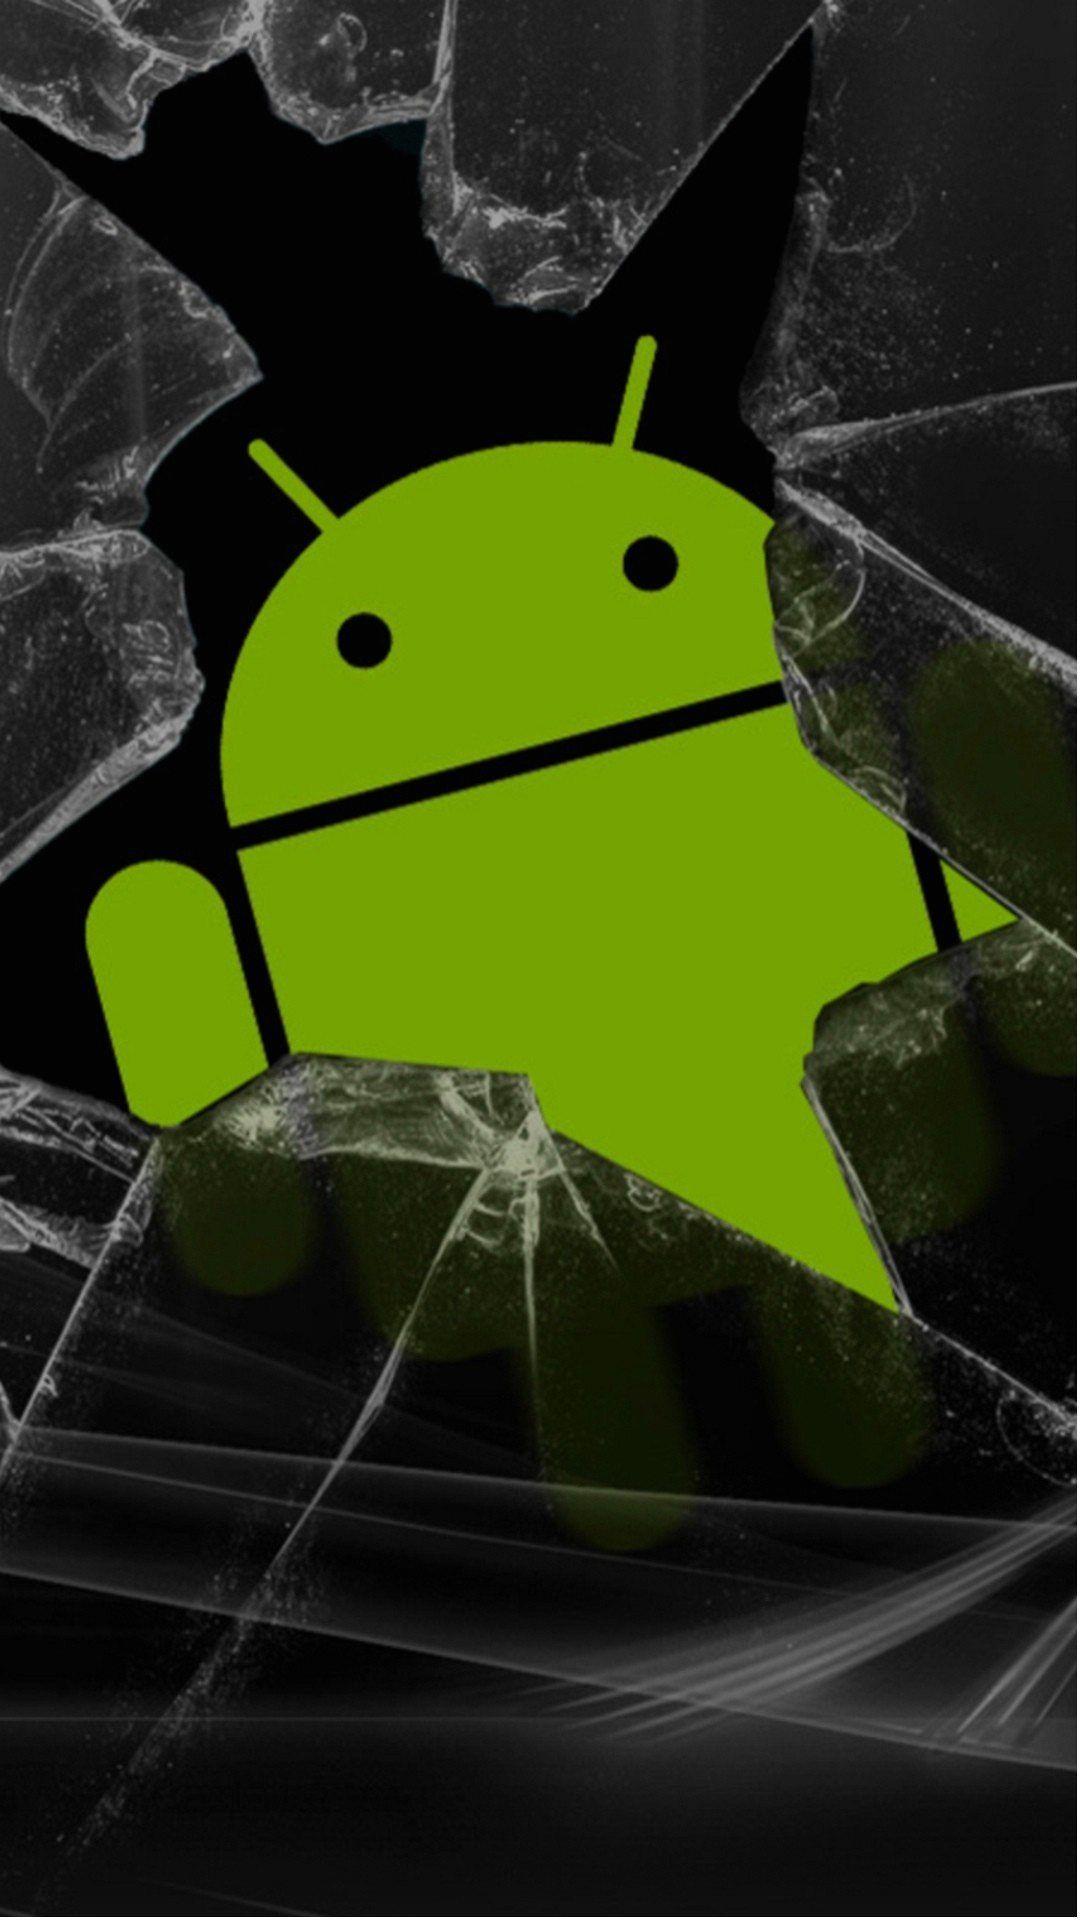 Как картинки на андроид, меня